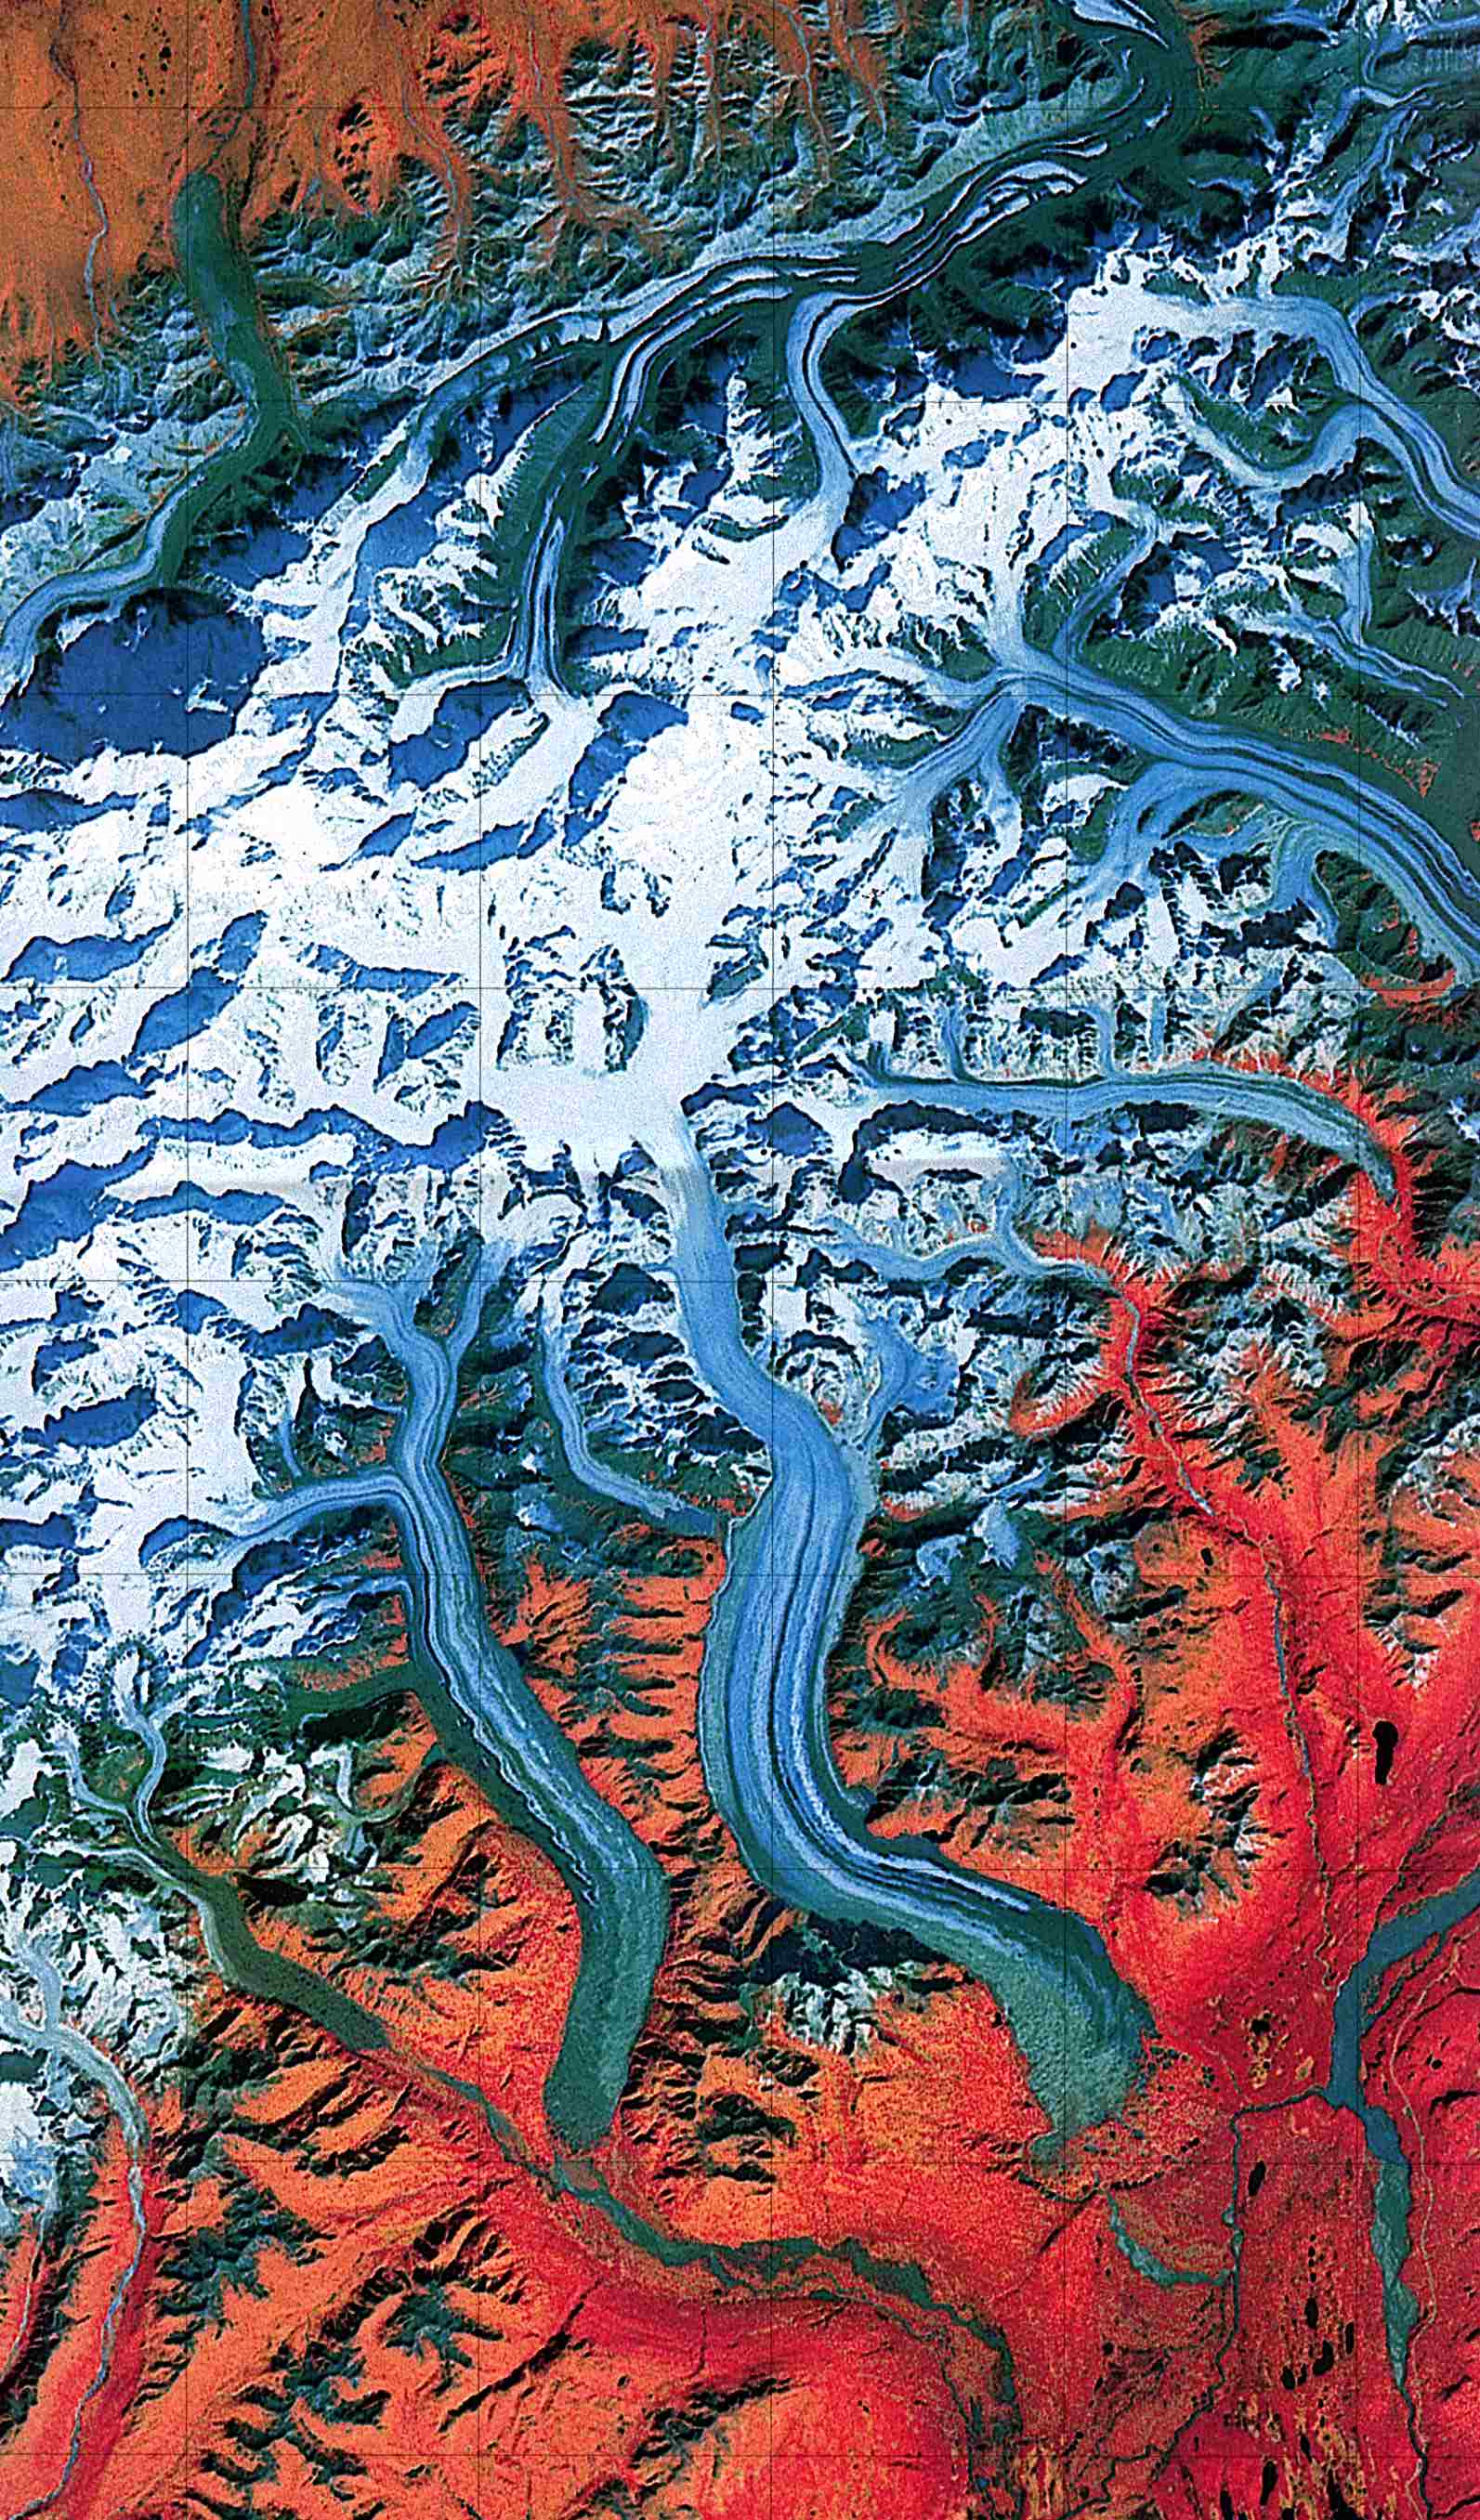 Maps of United States National Parks, Monuments and Historic Sites Denali National Park and Preserve [Alaska] (Landsat Image) 1:250,000 U.S.G.S. 1984 (459K)